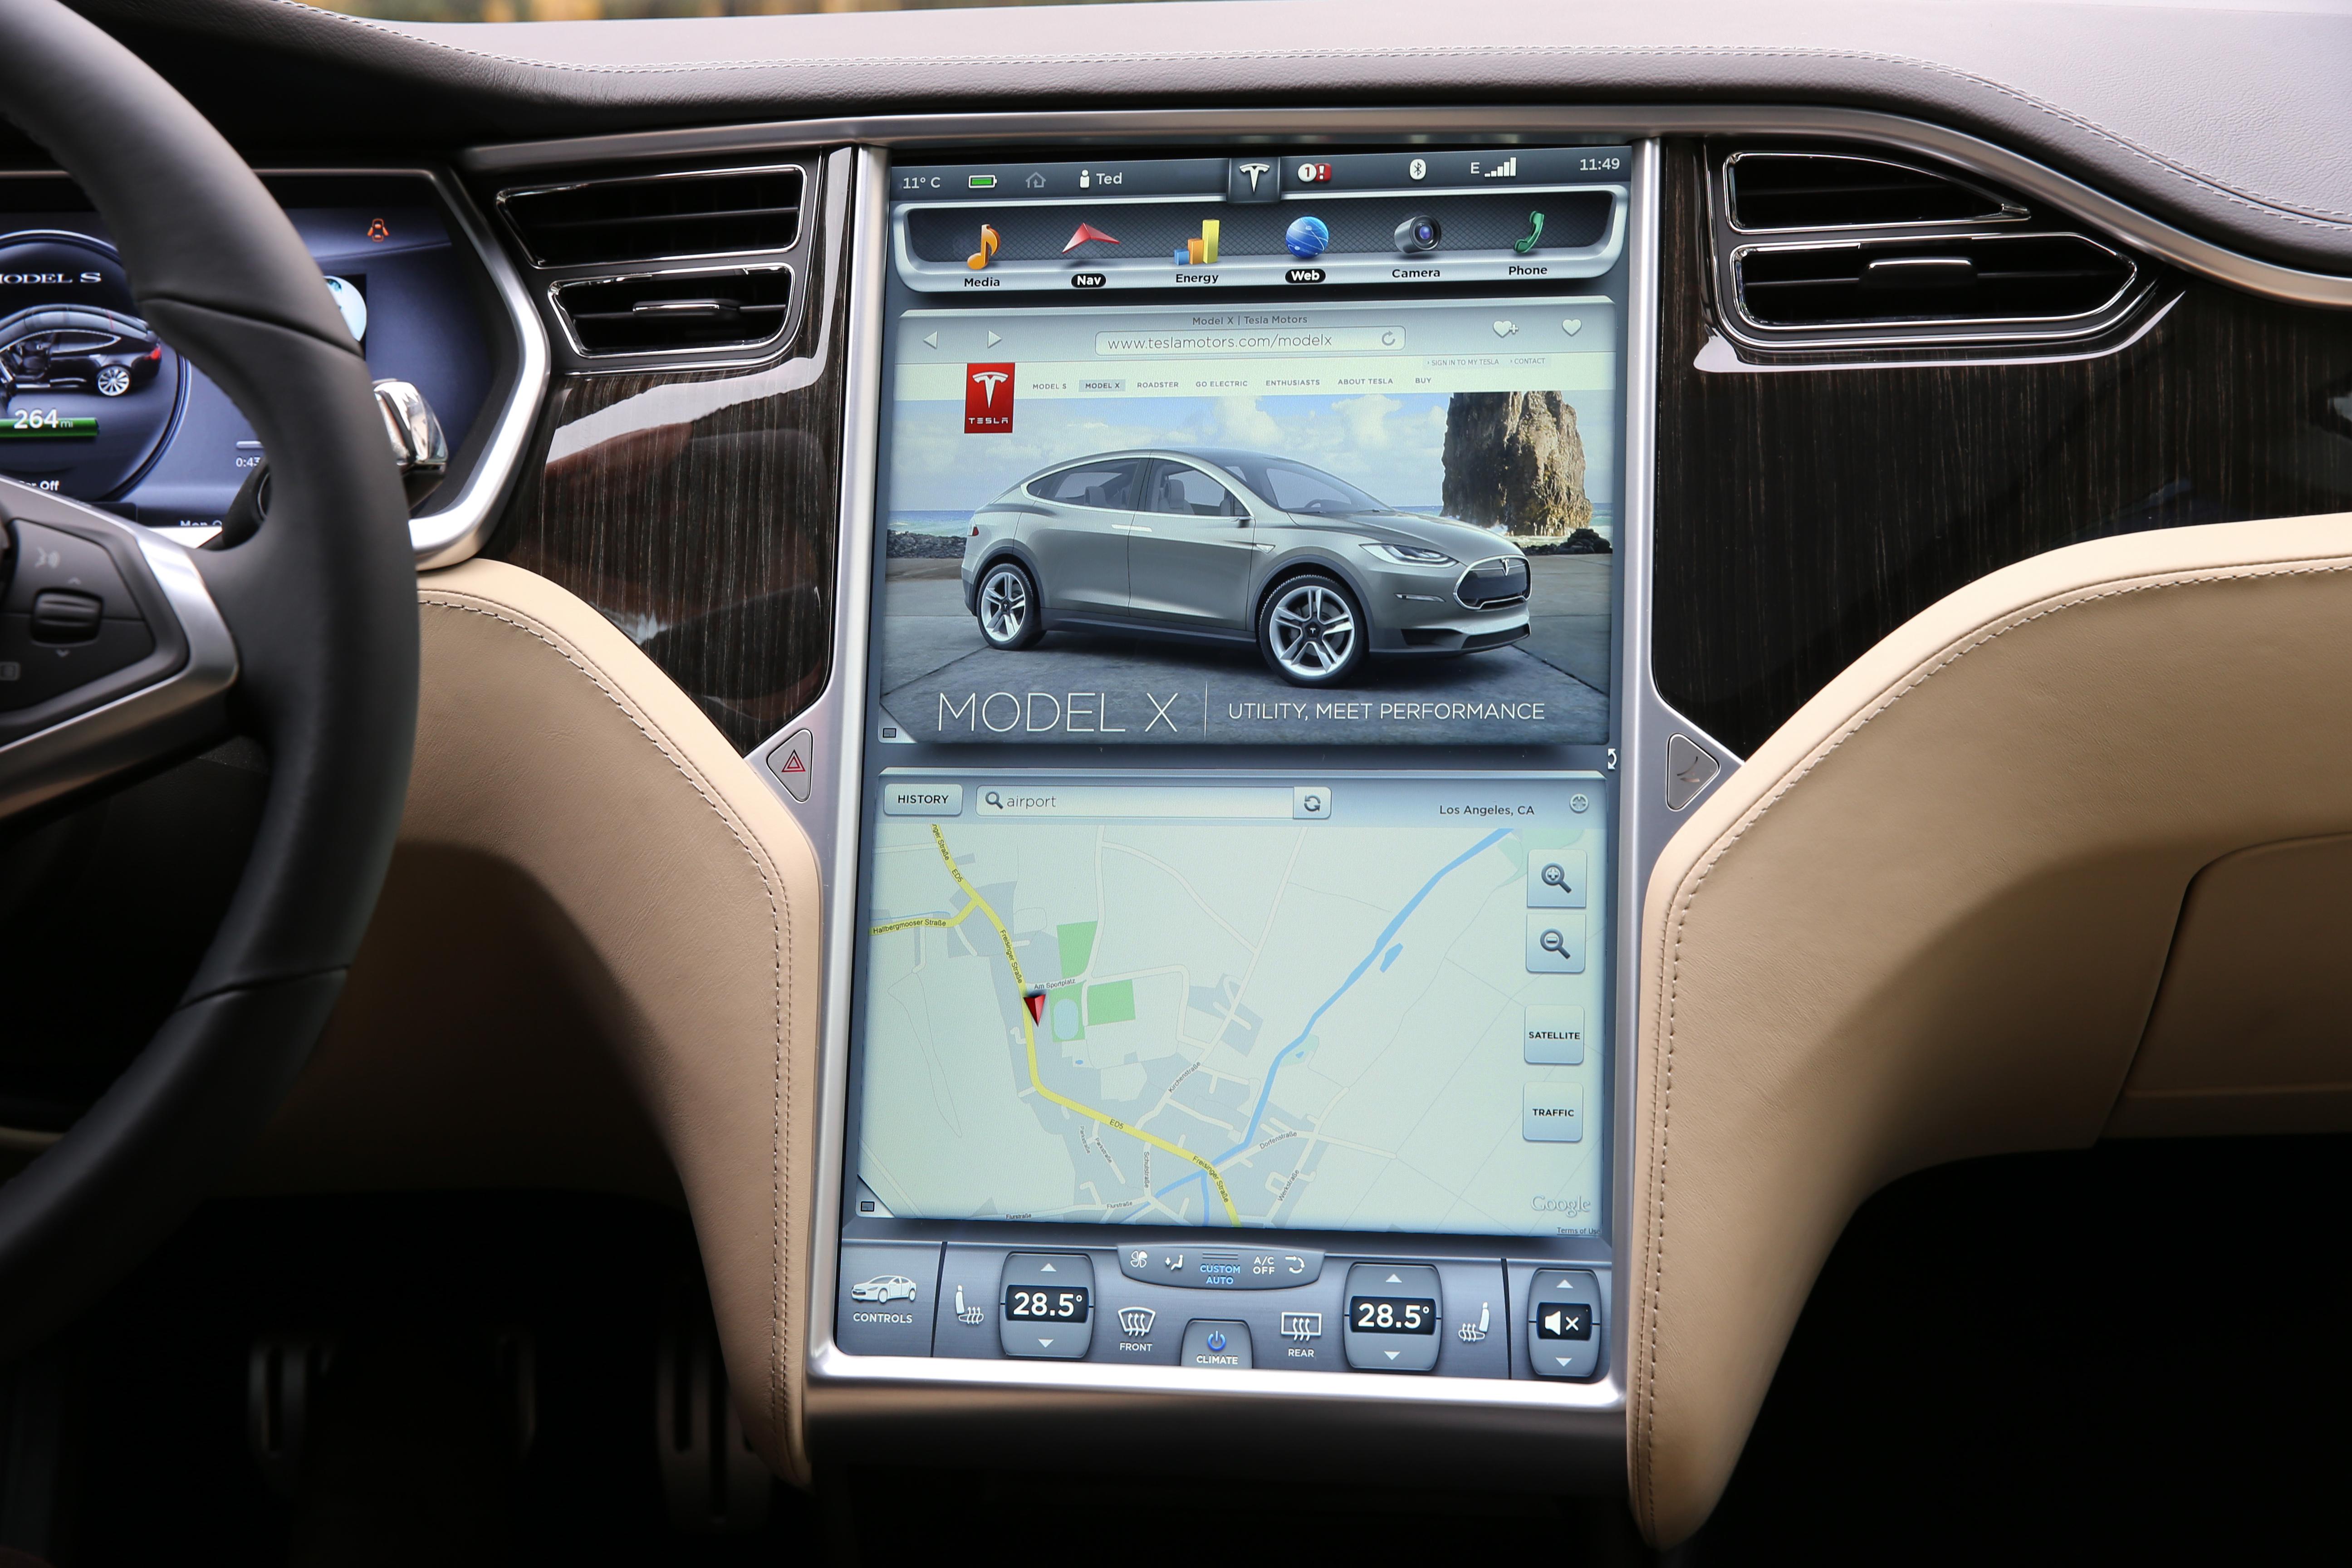 Forskere hevder de kan lure autopiloten som sitter i Tesla.